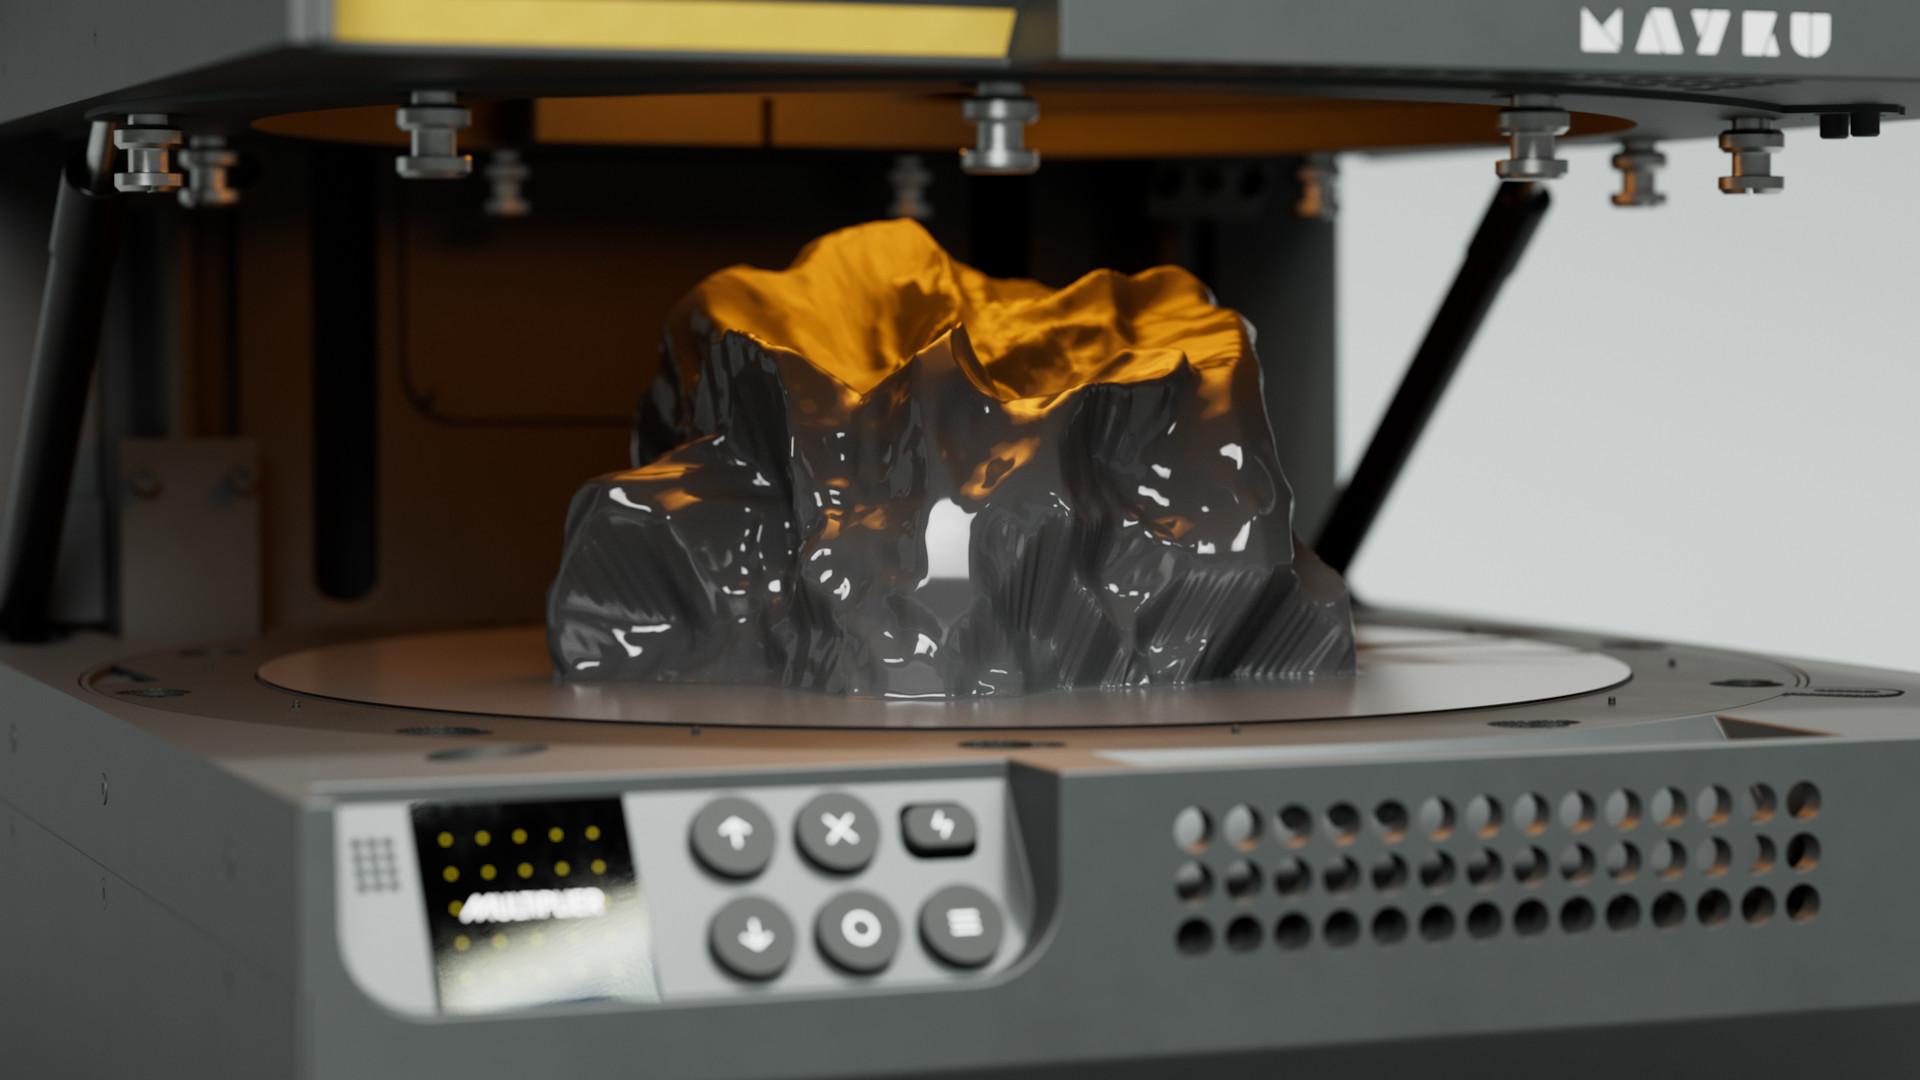 Una imagen que demuestra la capacidad de formación al vacío del multiplicador Mayku.